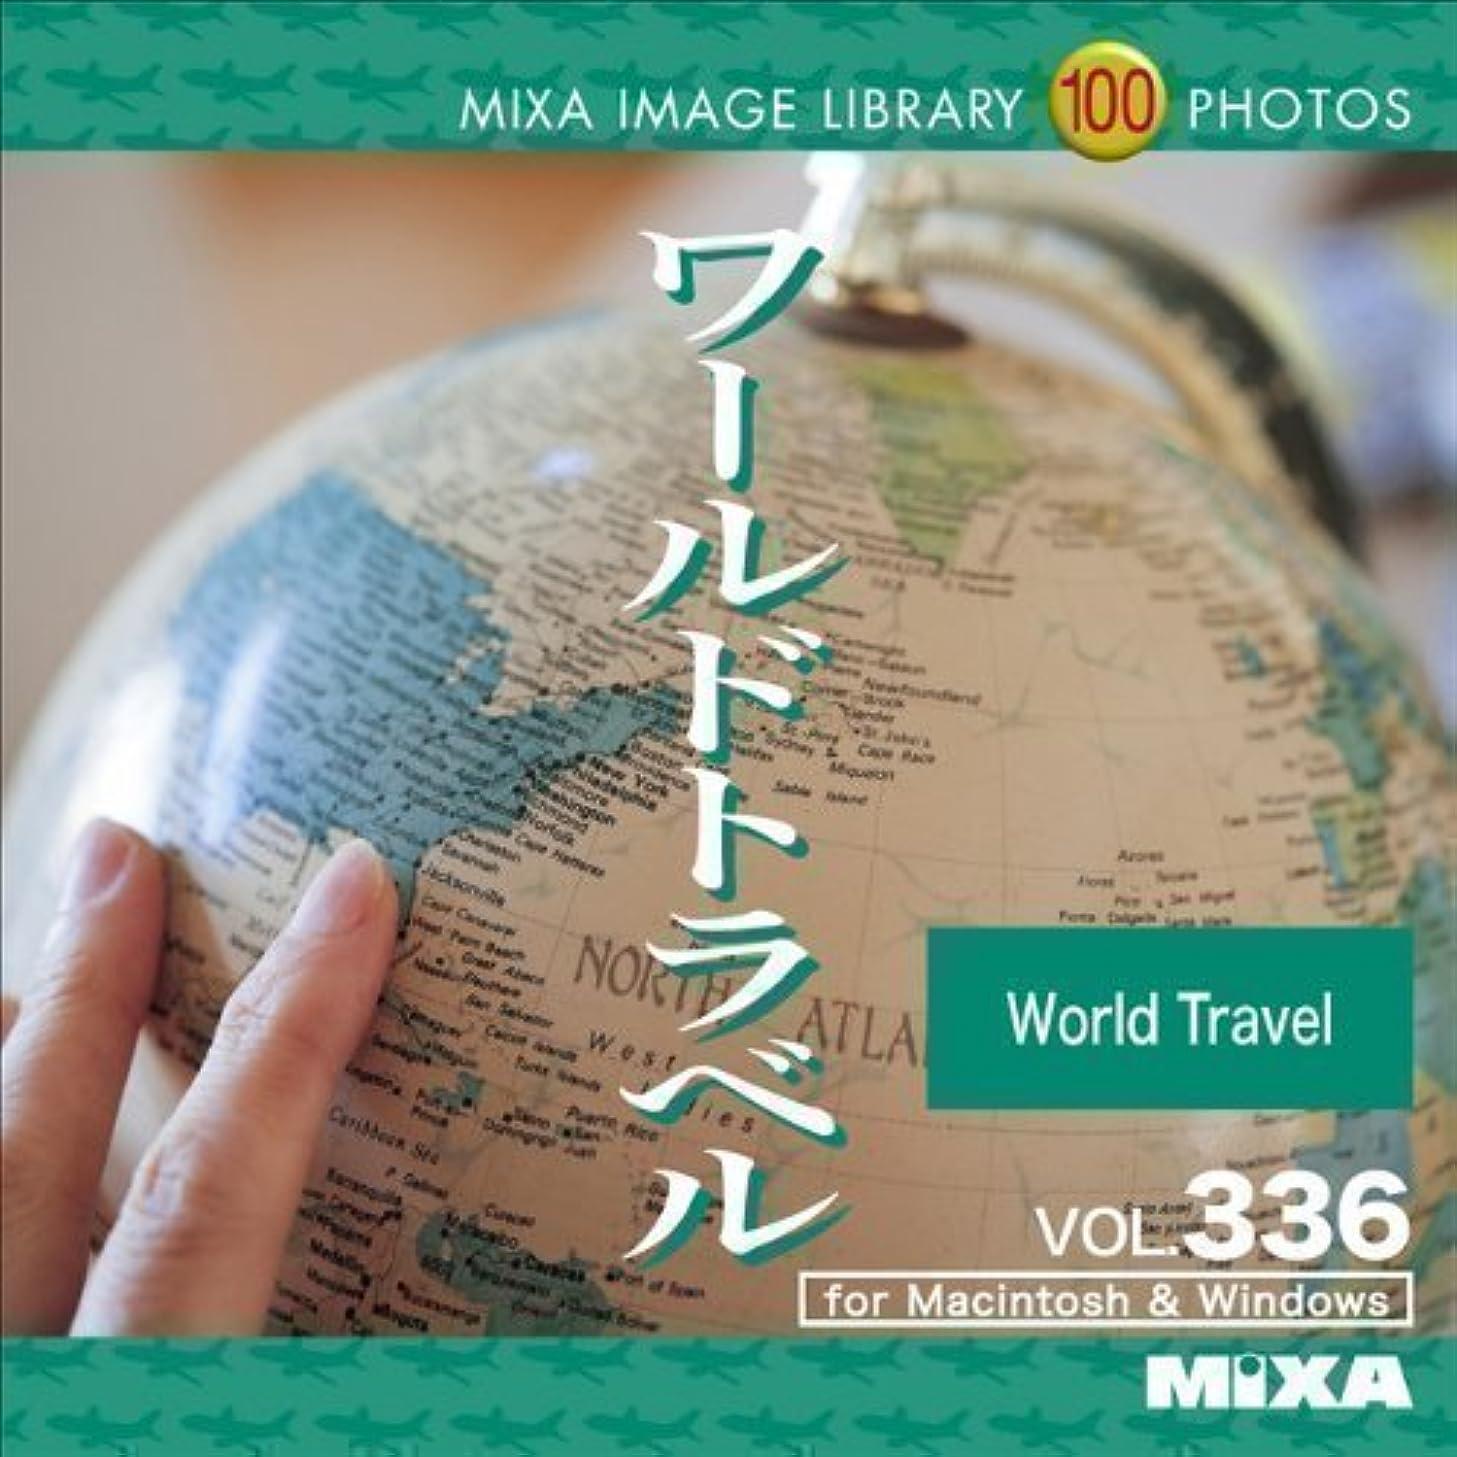 チェスポゴスティックジャンプ壁MIXA IMAGE LIBRARY Vol.336 ワールドトラベル